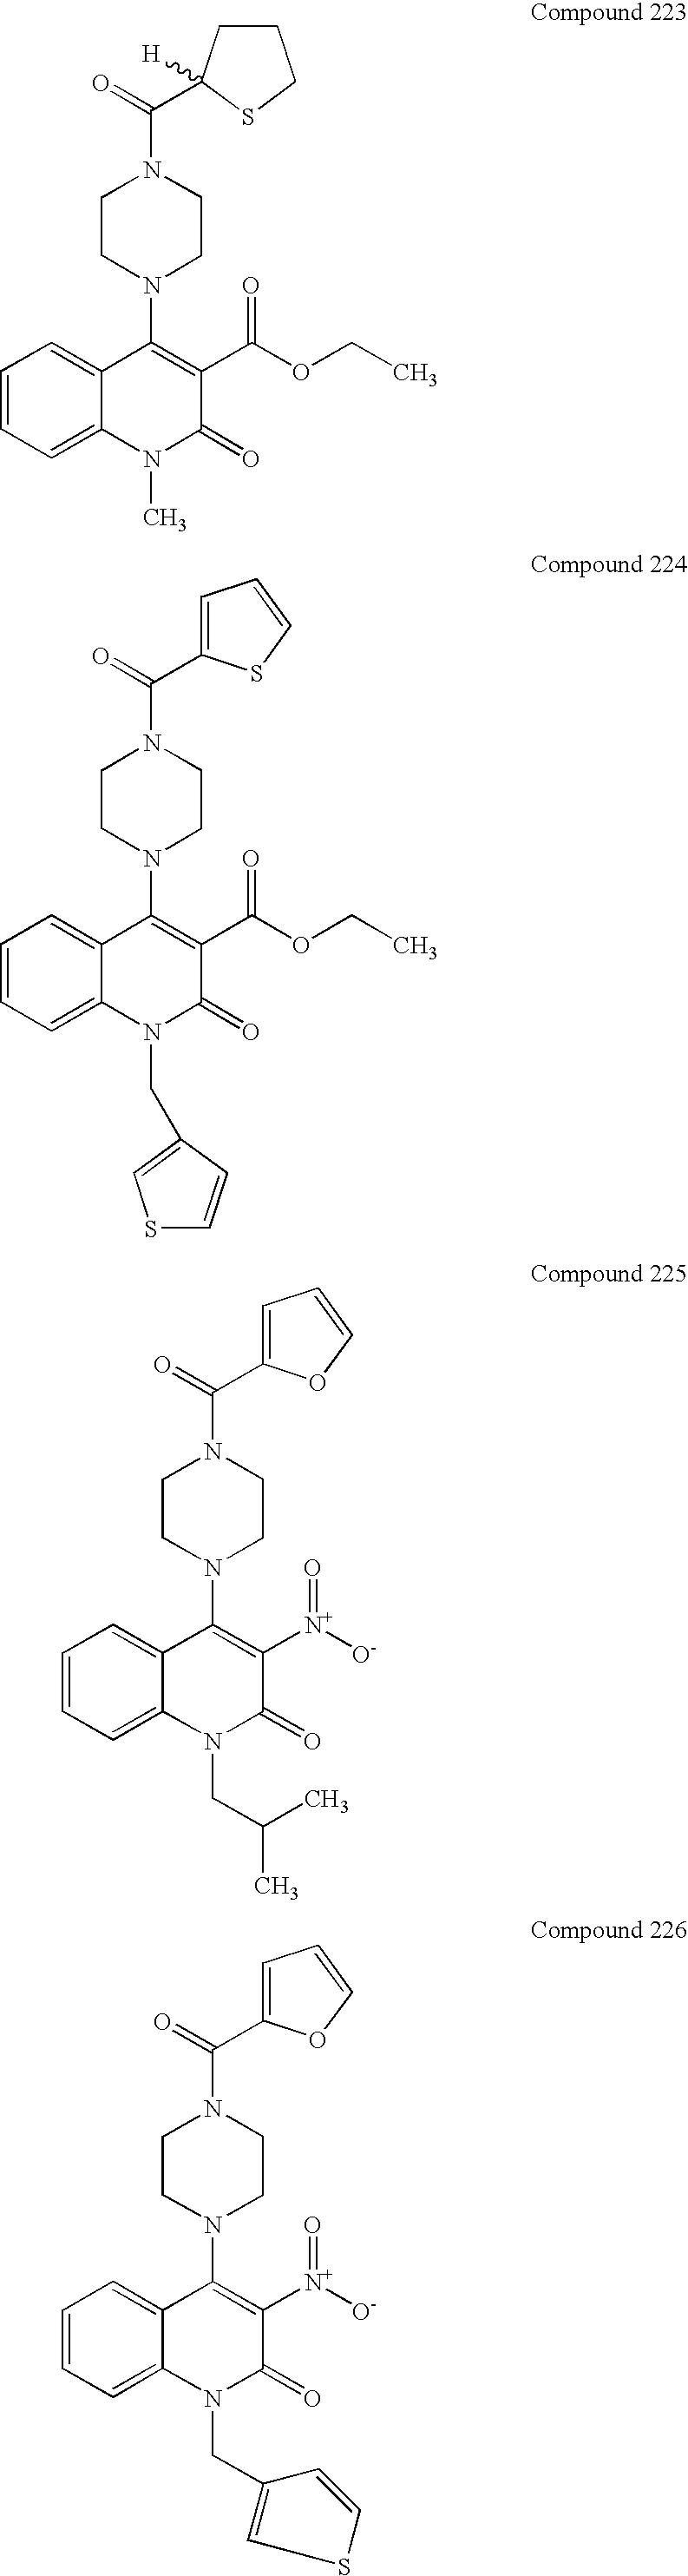 Figure US07230106-20070612-C00123